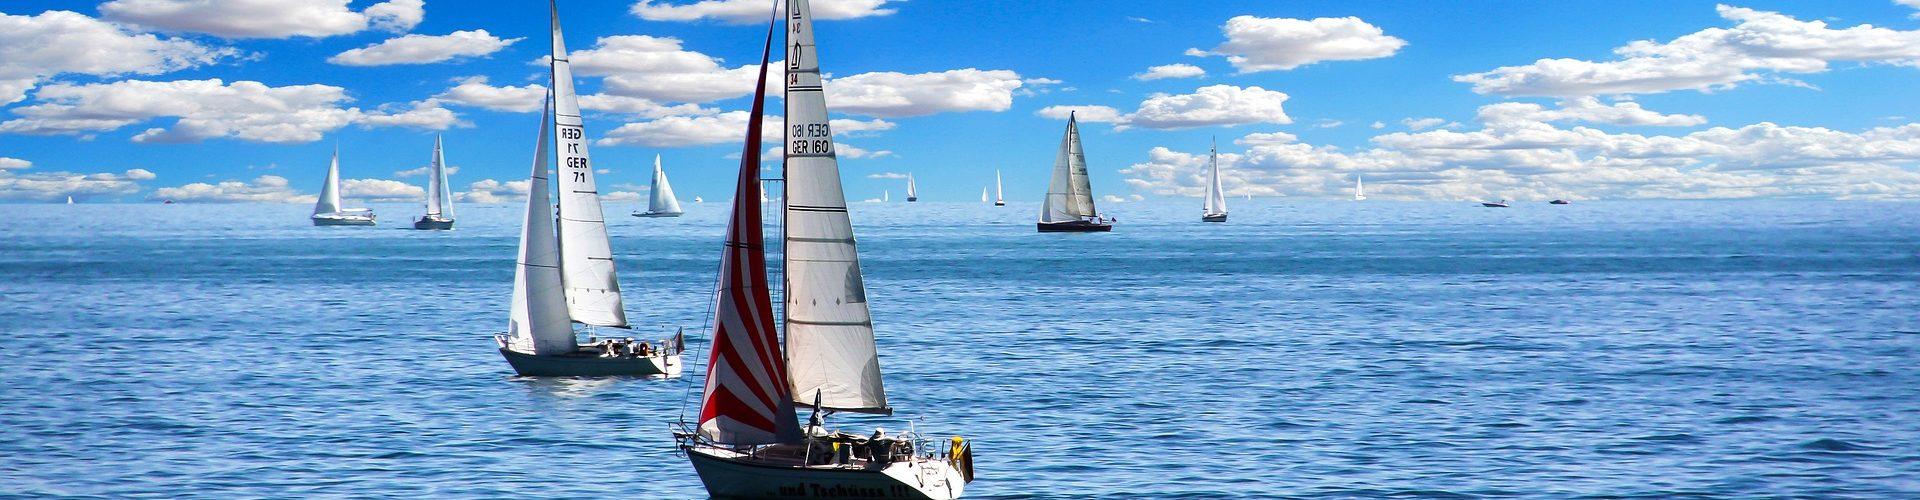 segeln lernen in Altefähr segelschein machen in Altefähr 1920x500 - Segeln lernen in Altefähr